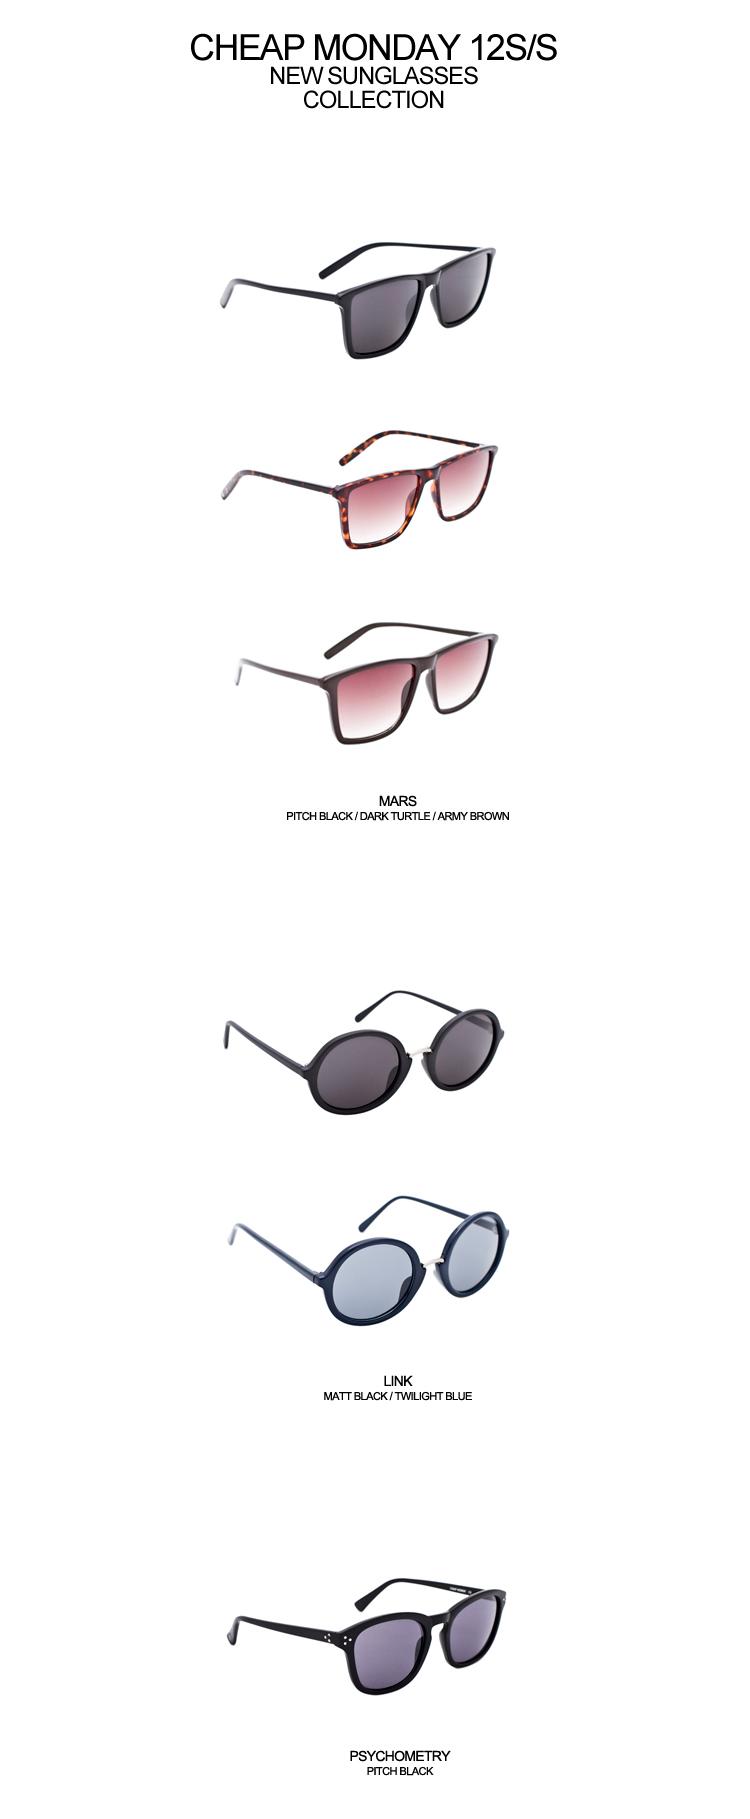 칩먼데이 Cheap Monday 12s/s new sunglasse..